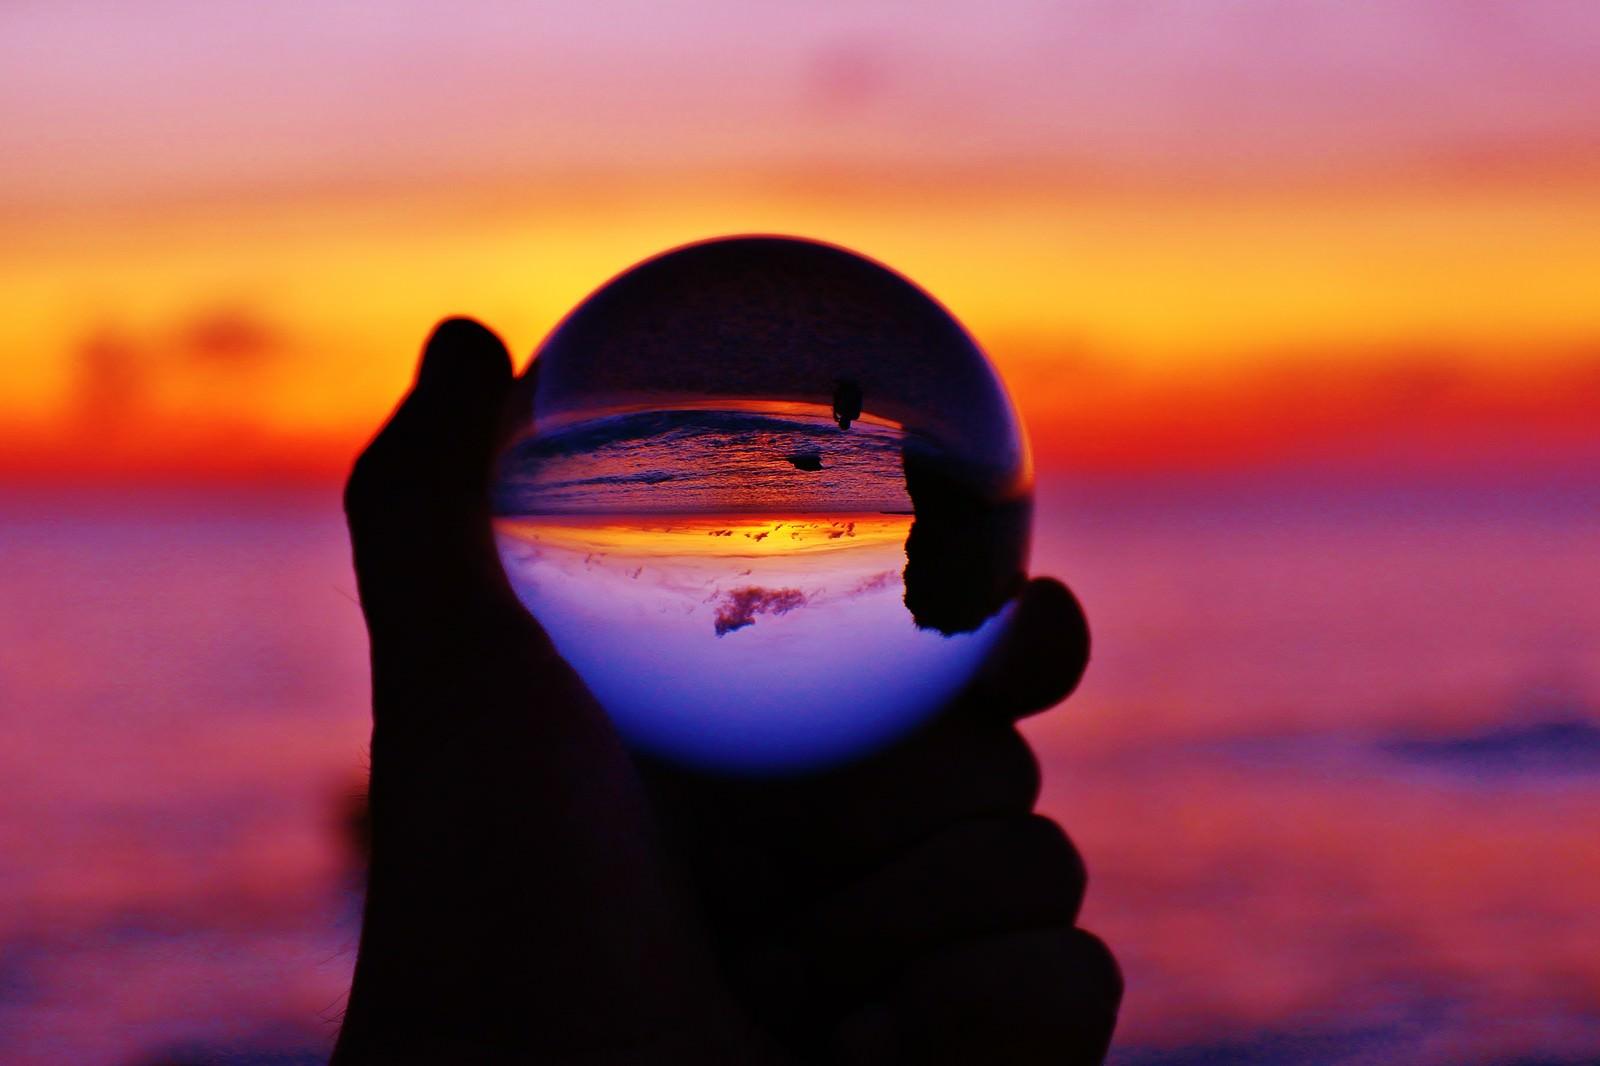 「オレンジ色の夕焼けを水晶球から眺める」の写真